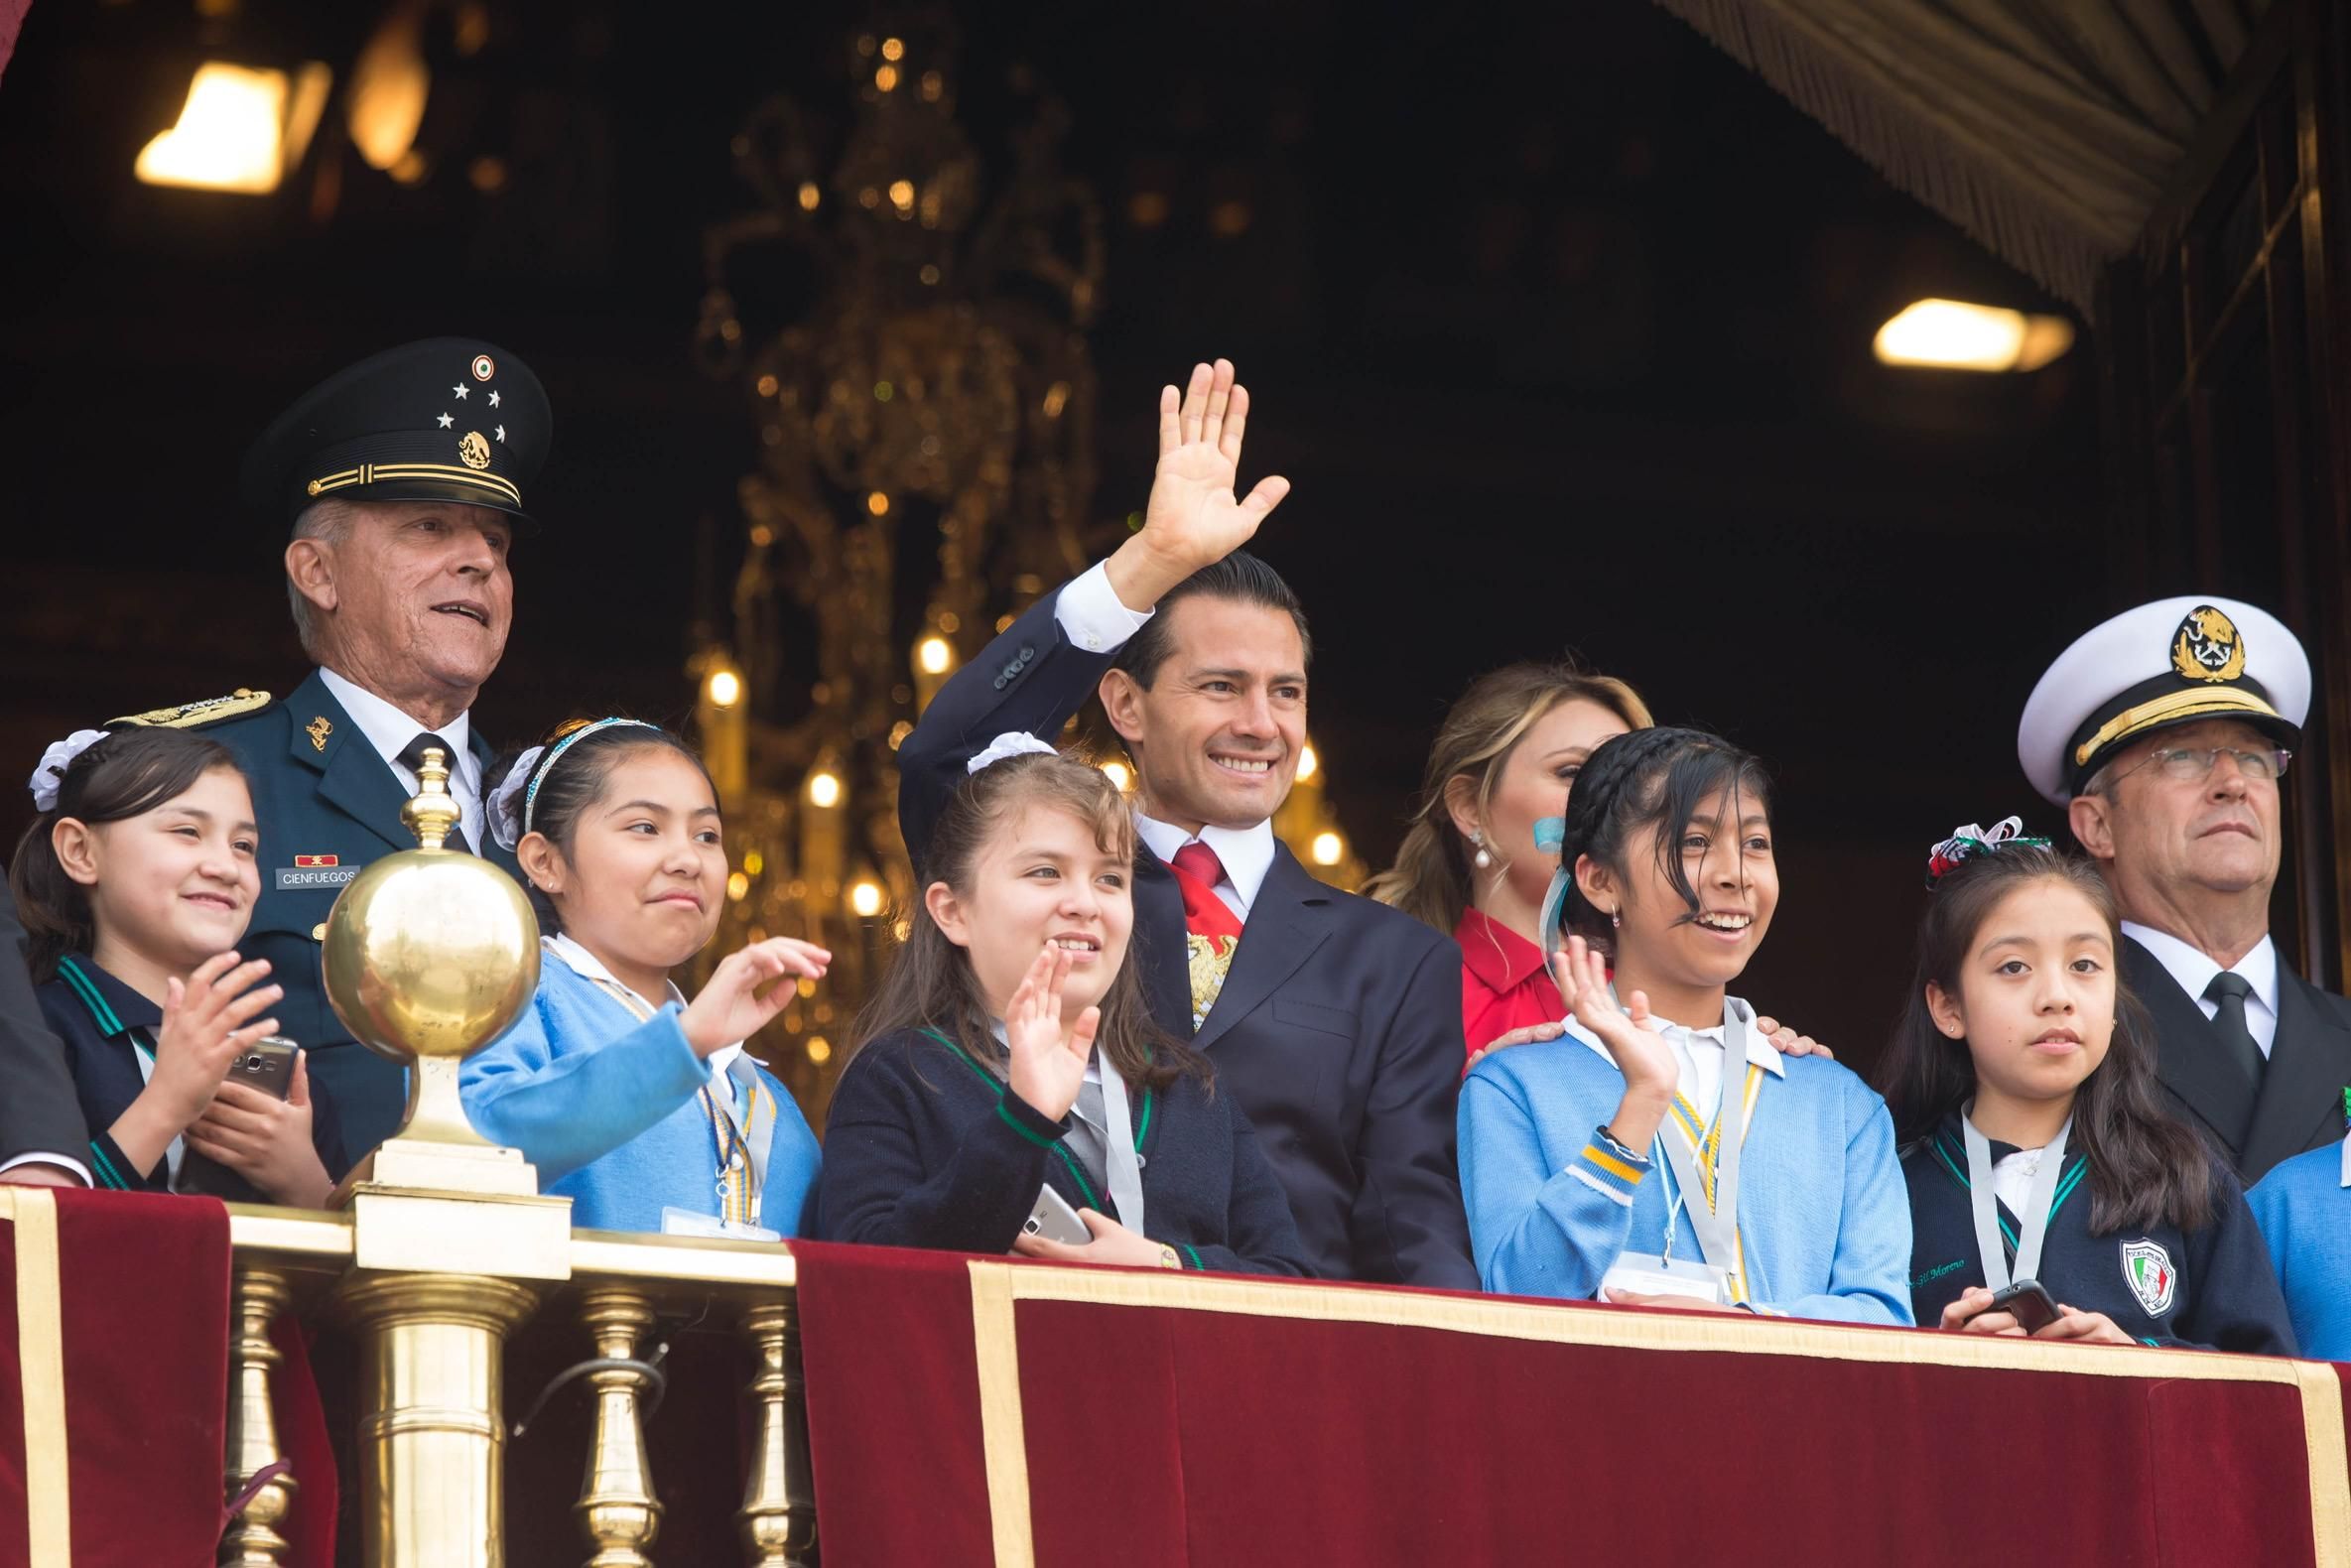 Desde el Balcón Central del Palacio Nacional, el Titular del Ejecutivo Federal presenció el Desfile Militar acompañado por su esposa, la señora Angélica Rivera de Peña.